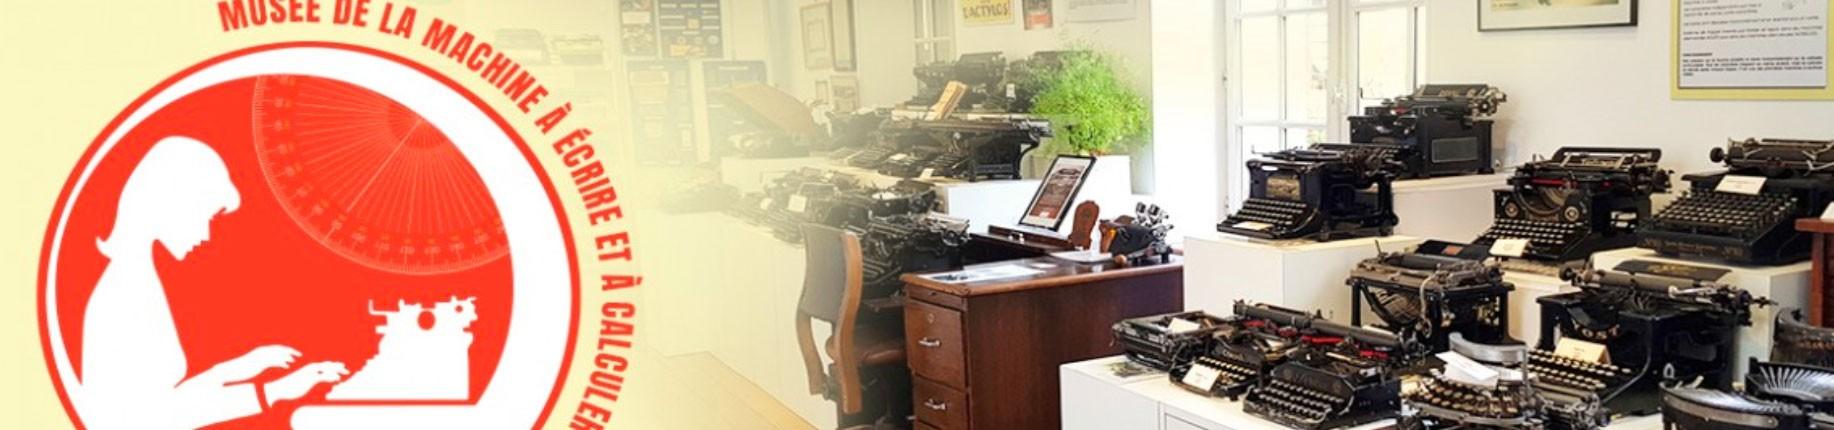 Le Musée de la Machine à Écrire et à Calculer